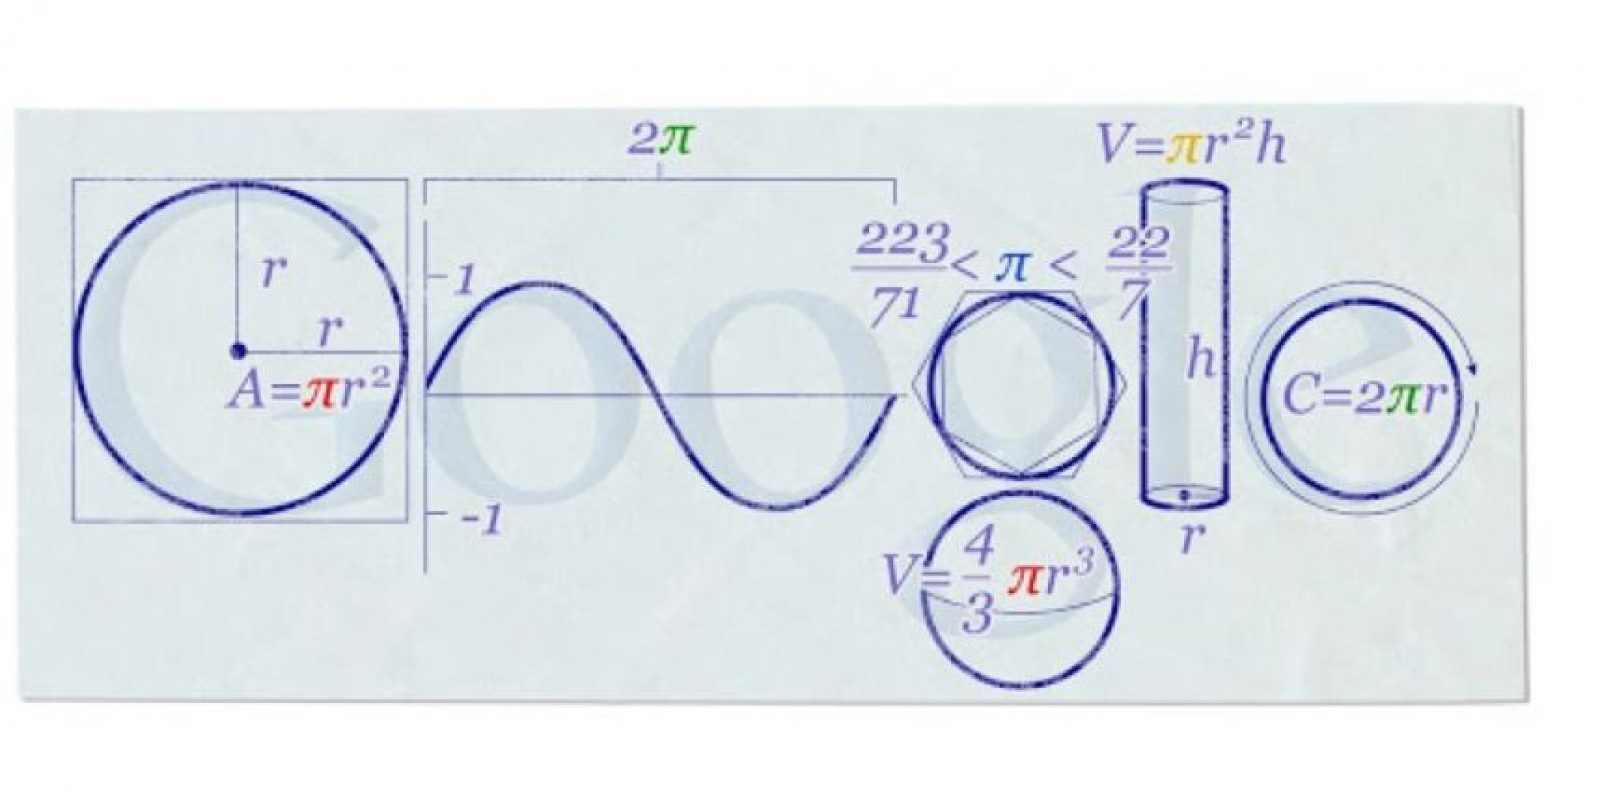 Hace seis años, así festejó Google el día Pi. Foto:google.com/doodles/pi-day